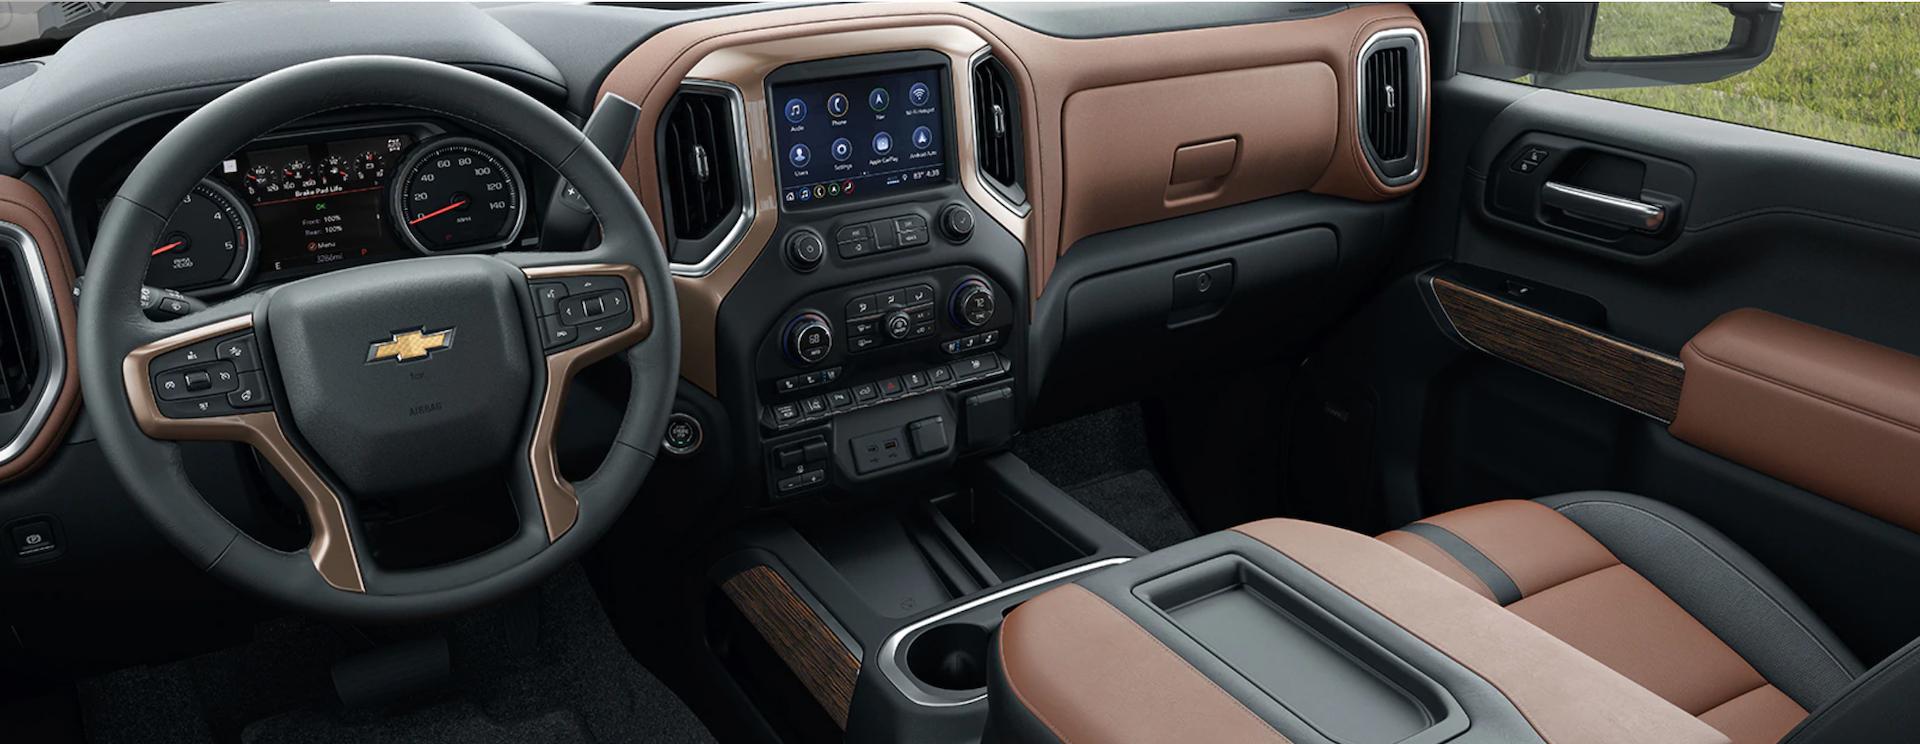 Dashboard view of the New 2020 Silverado 2500 HD